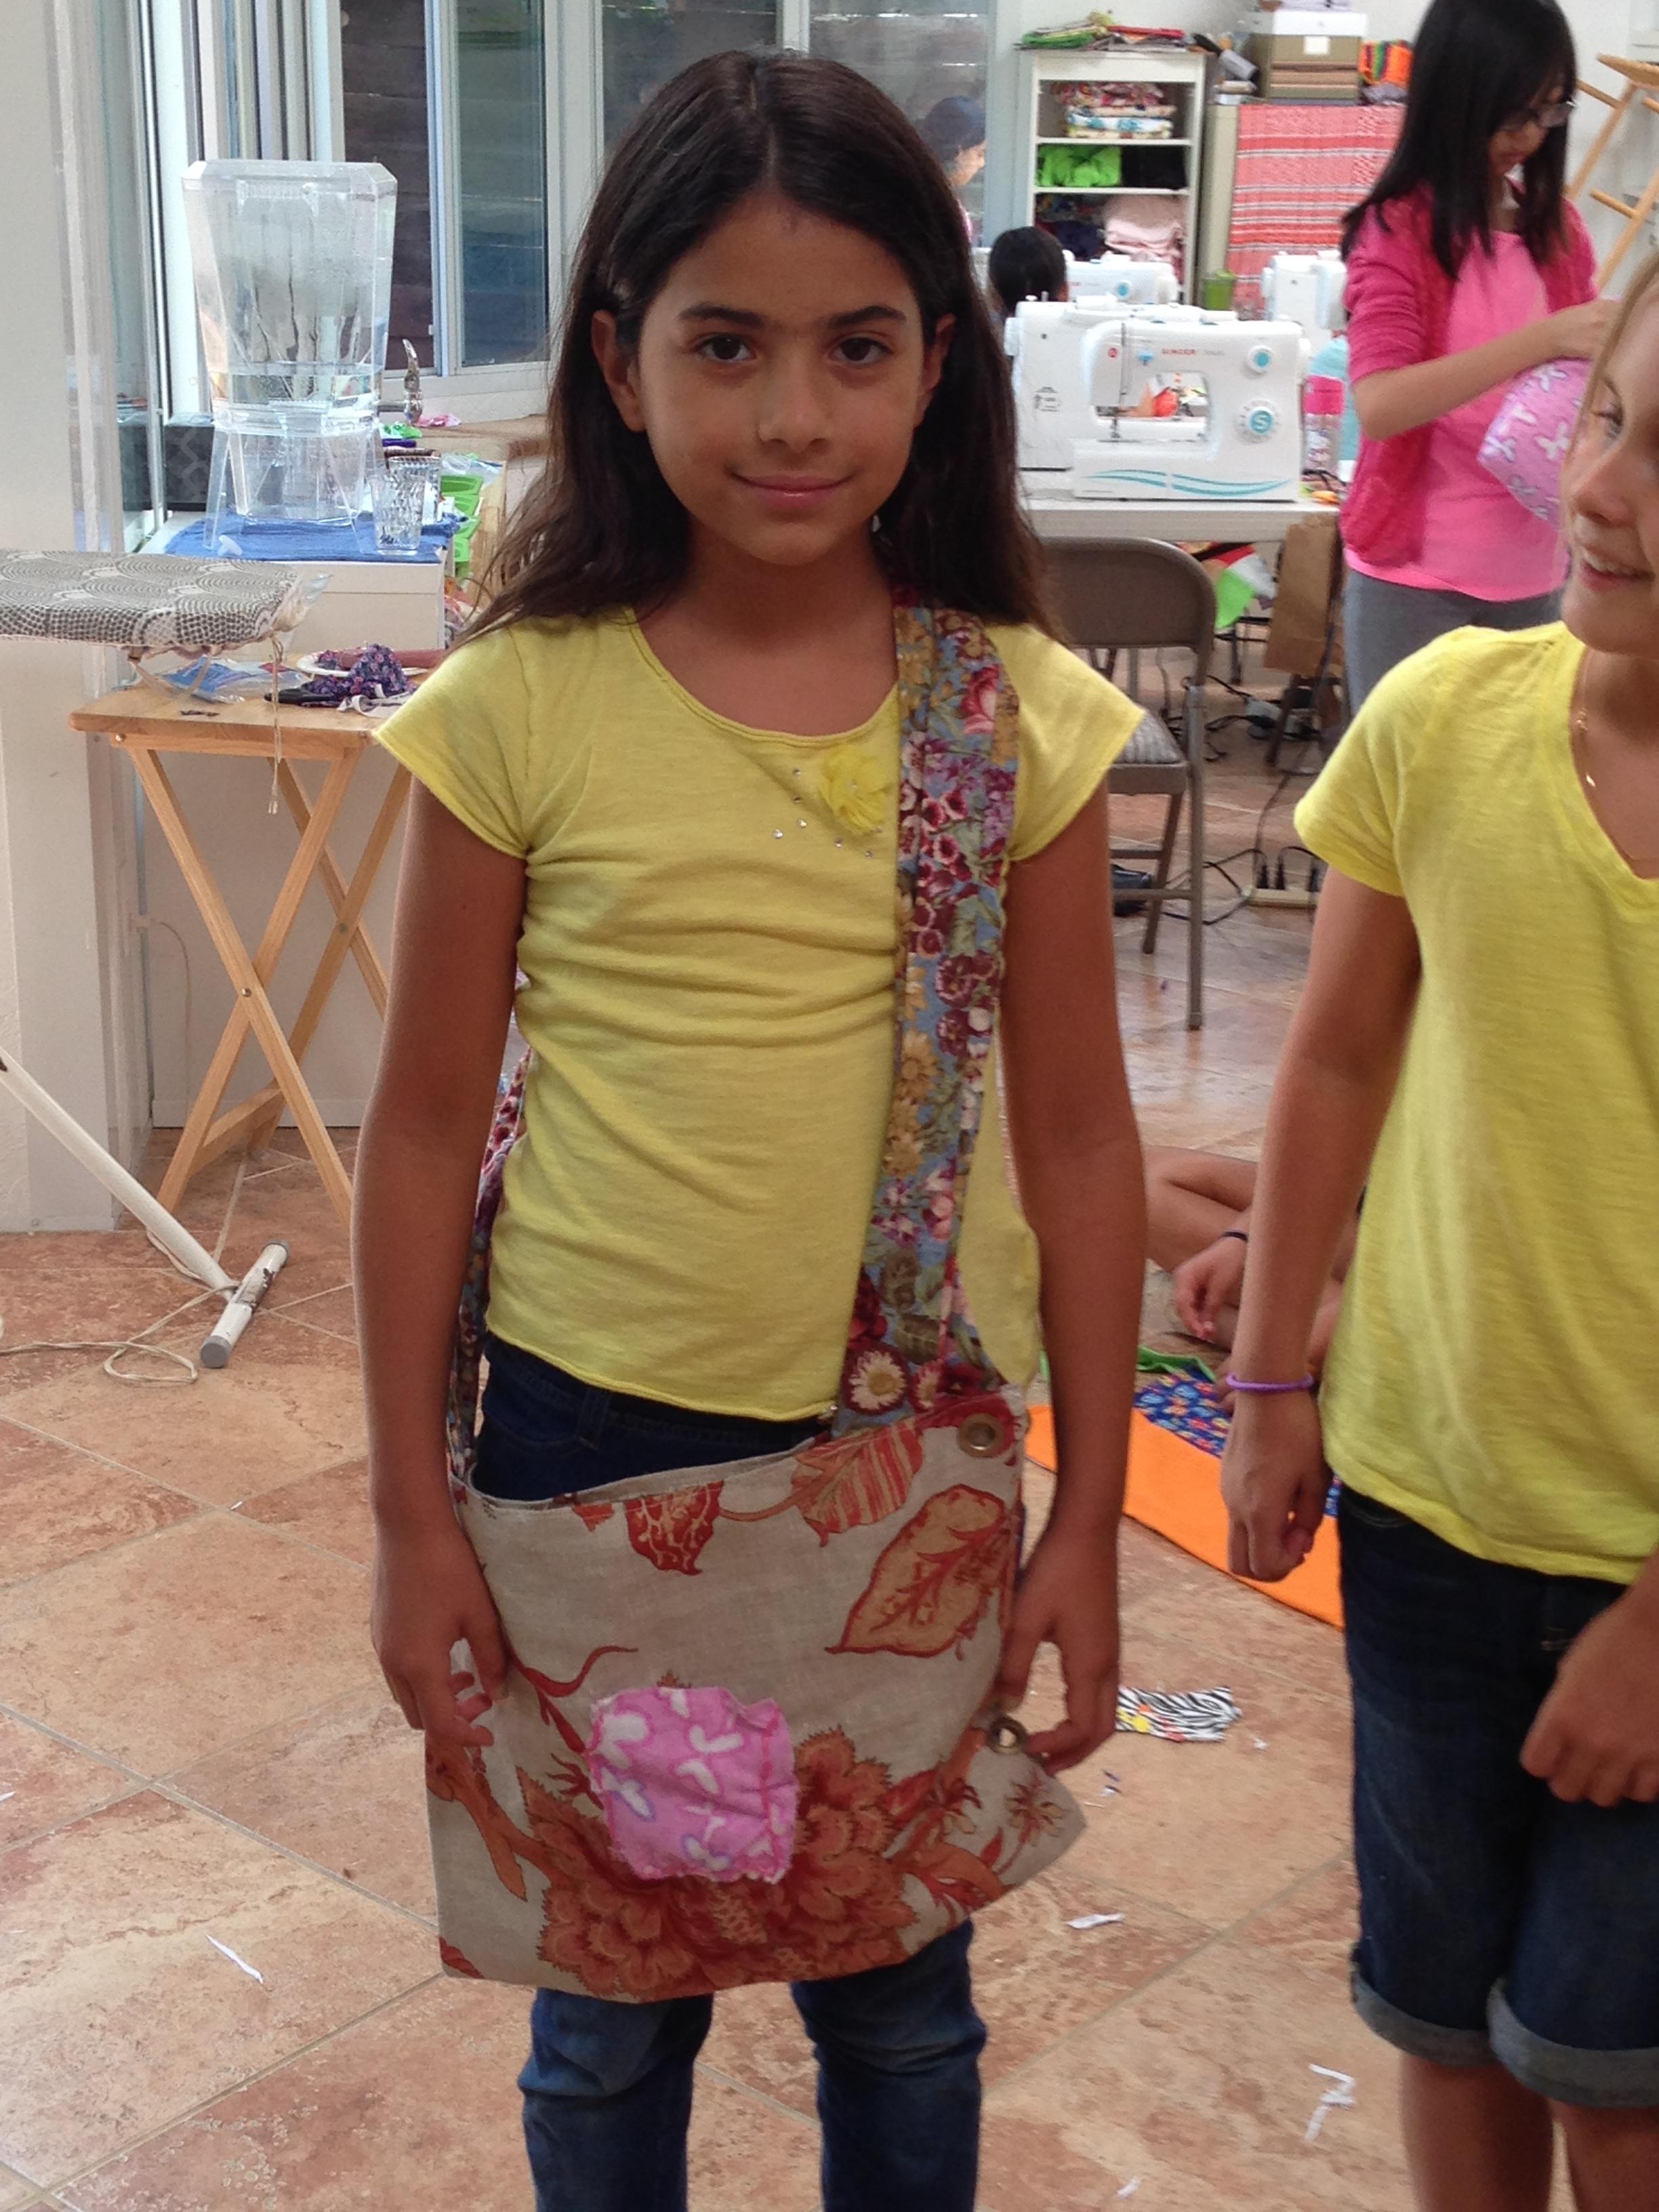 4th grader designed bag.